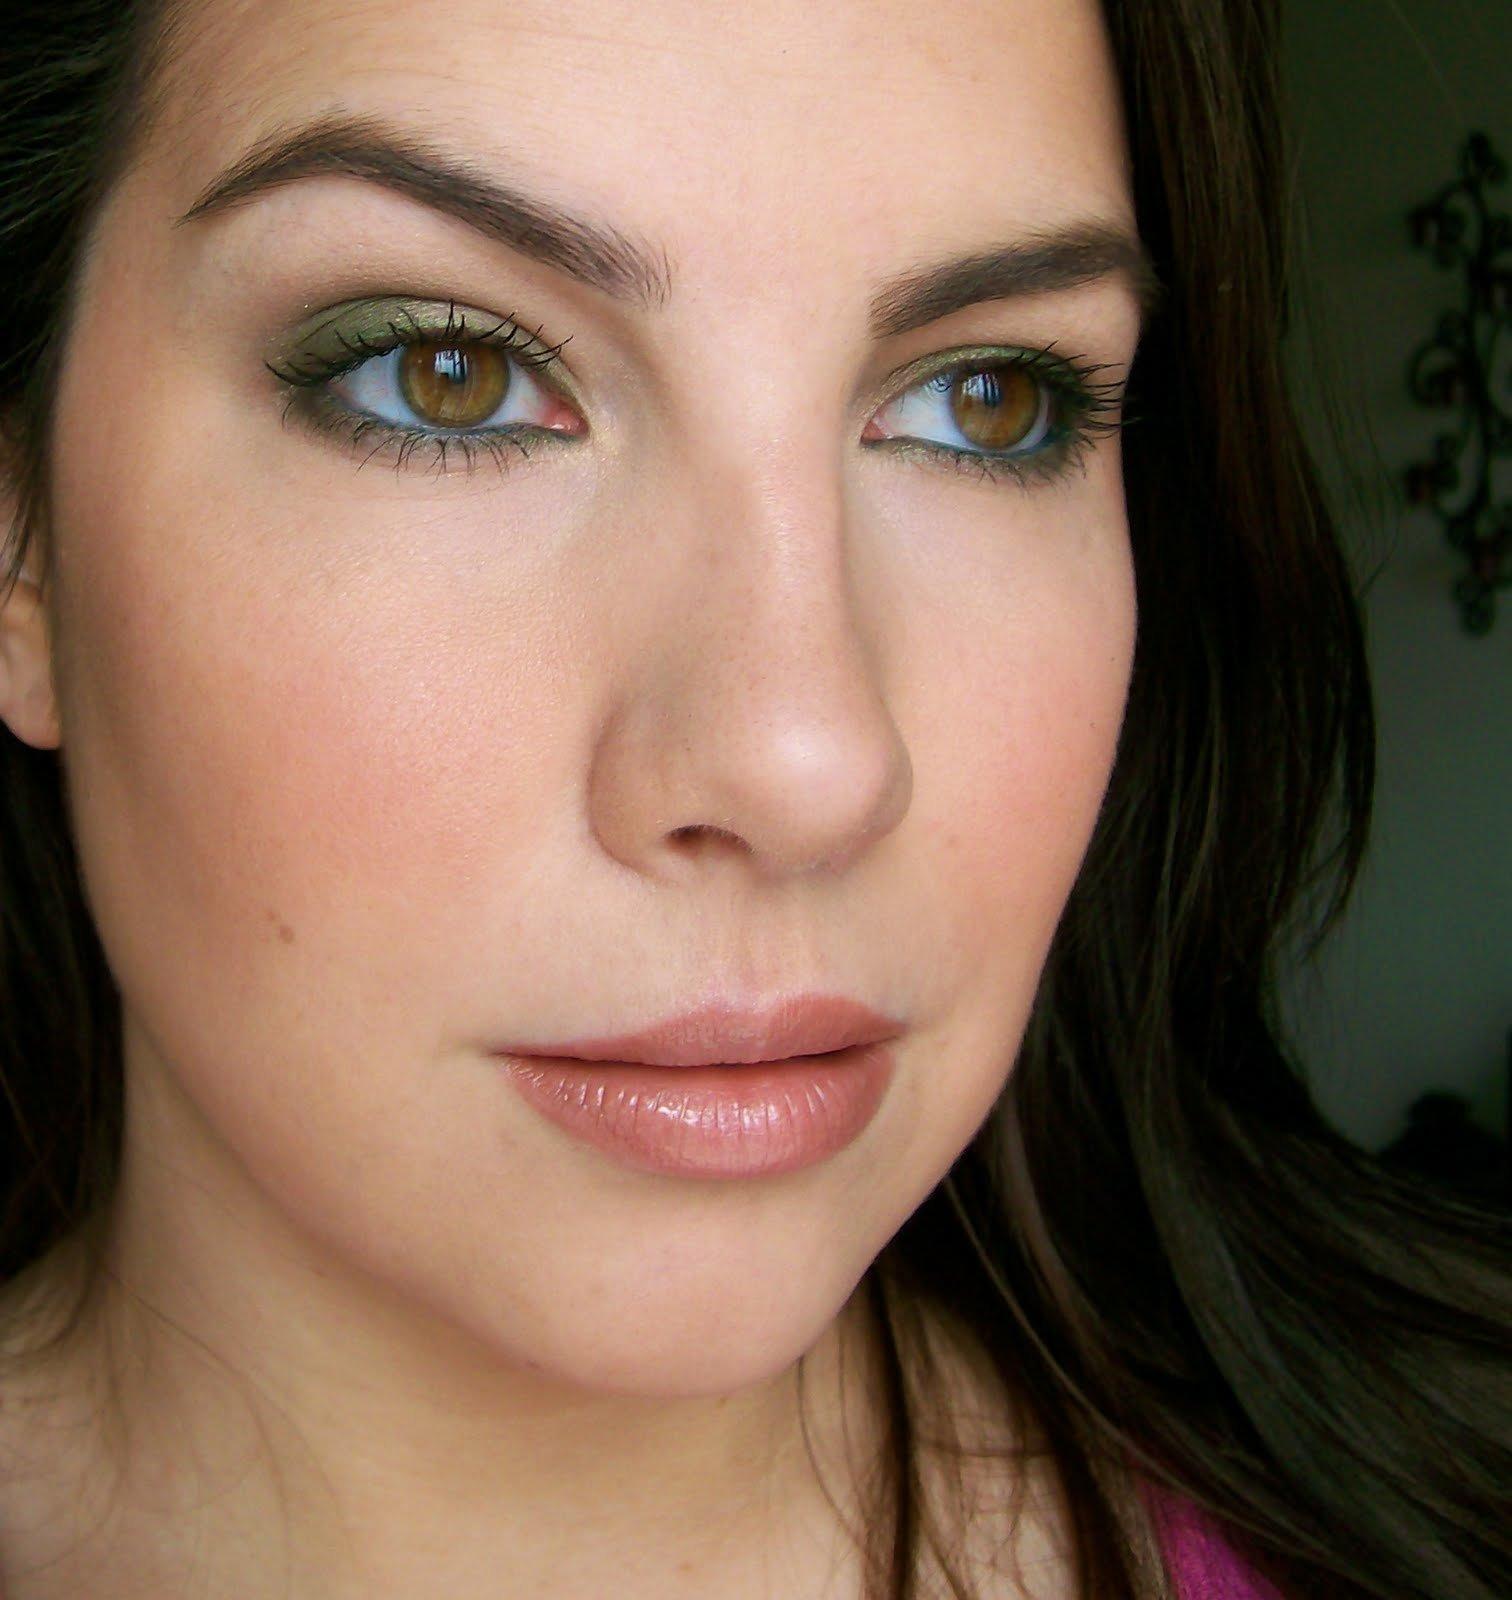 эксплуатируются для серо зеленые глаза фото женские актуальные, как прочем